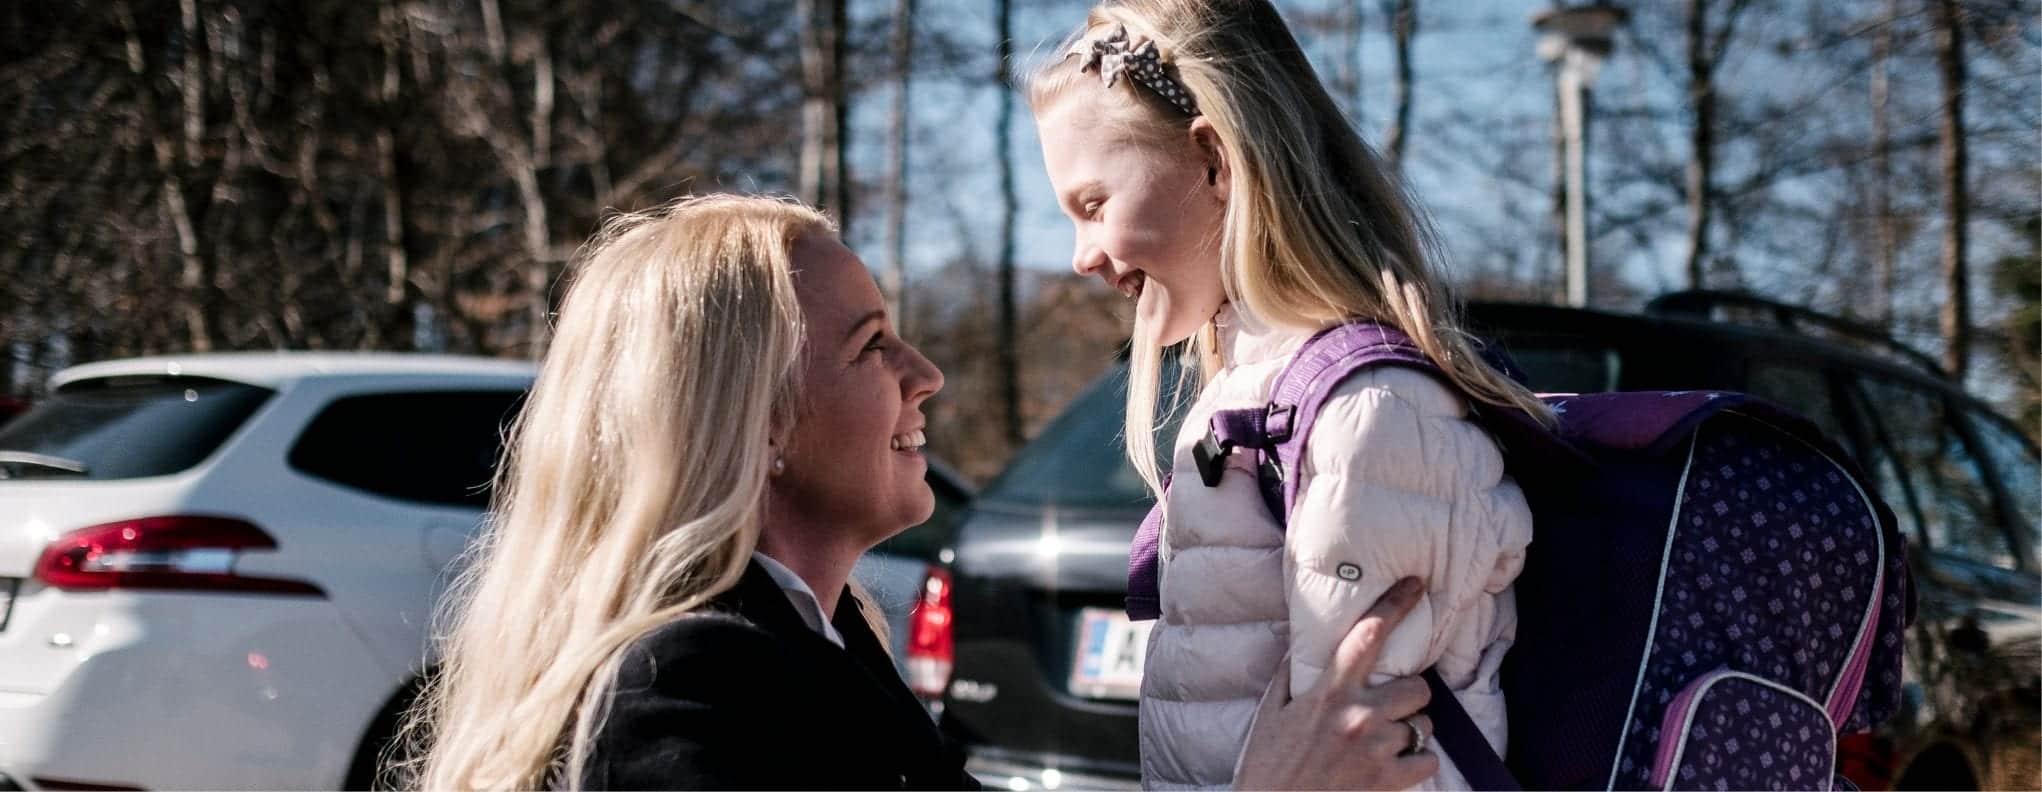 En mor siger farvel til sin datter, som er på vej i skole.